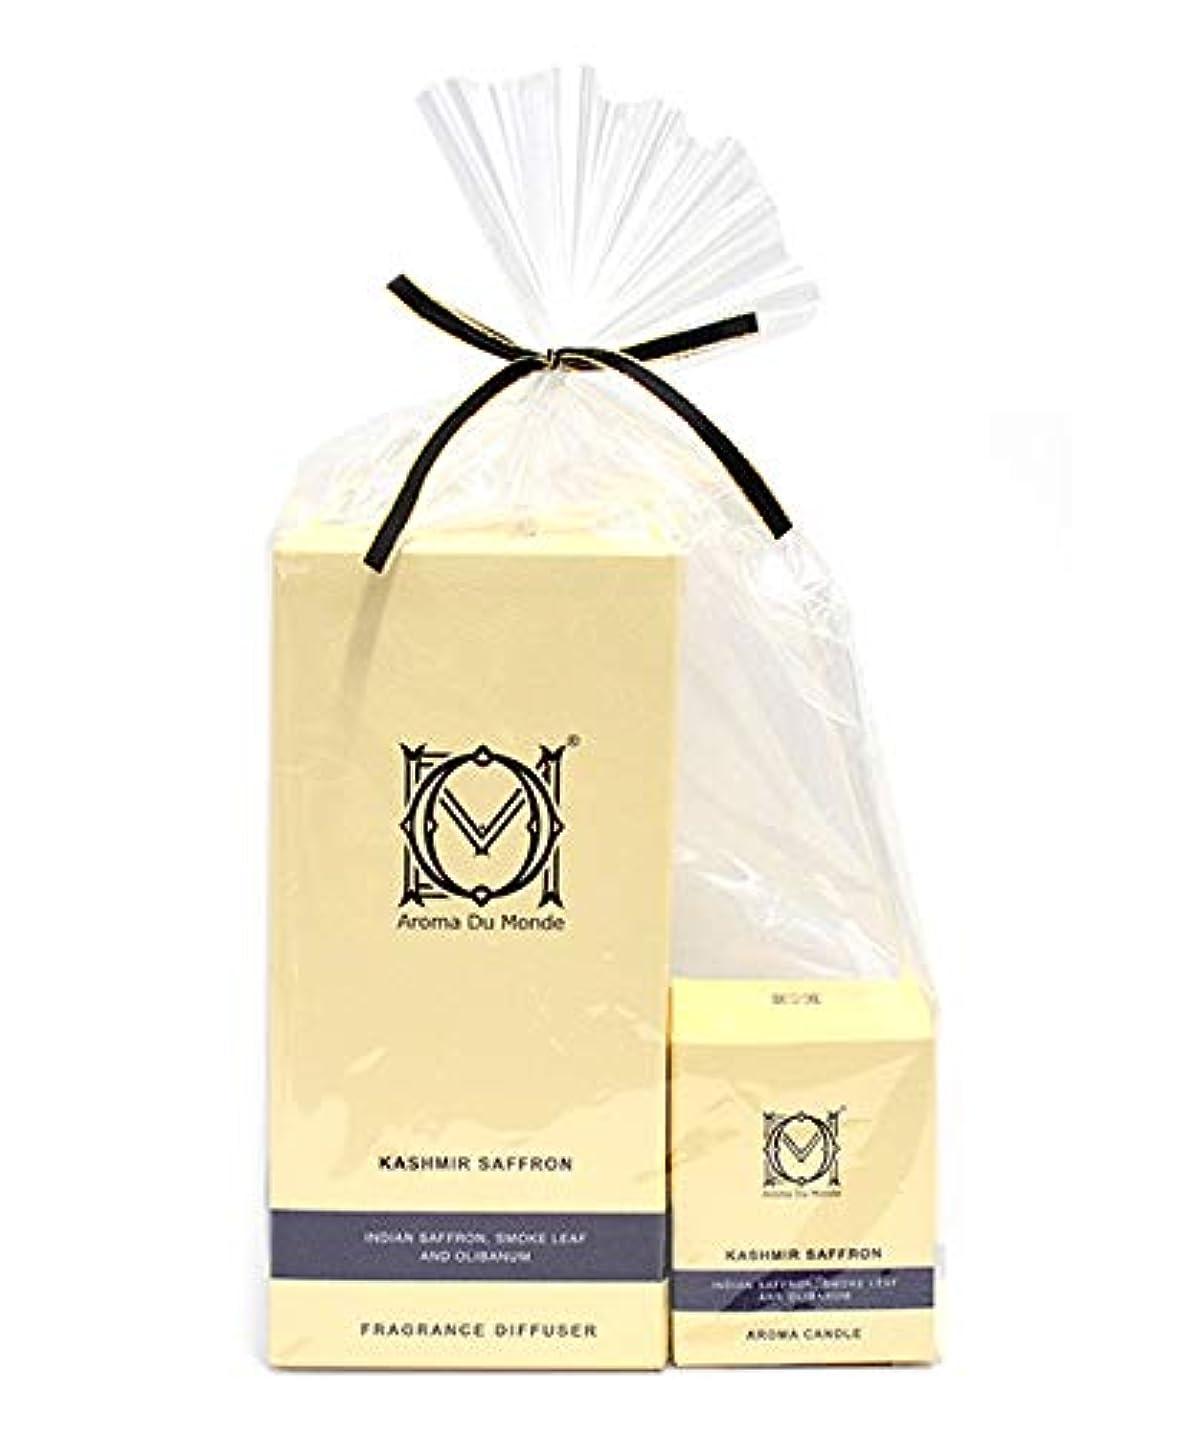 合理的自慢シャベルフレグランスディフューザー&キャンドル カシミールサフラン セット Aroma Du Monde/ADM Fragrance Diffuser & Candle Kashmir Saffron 81160